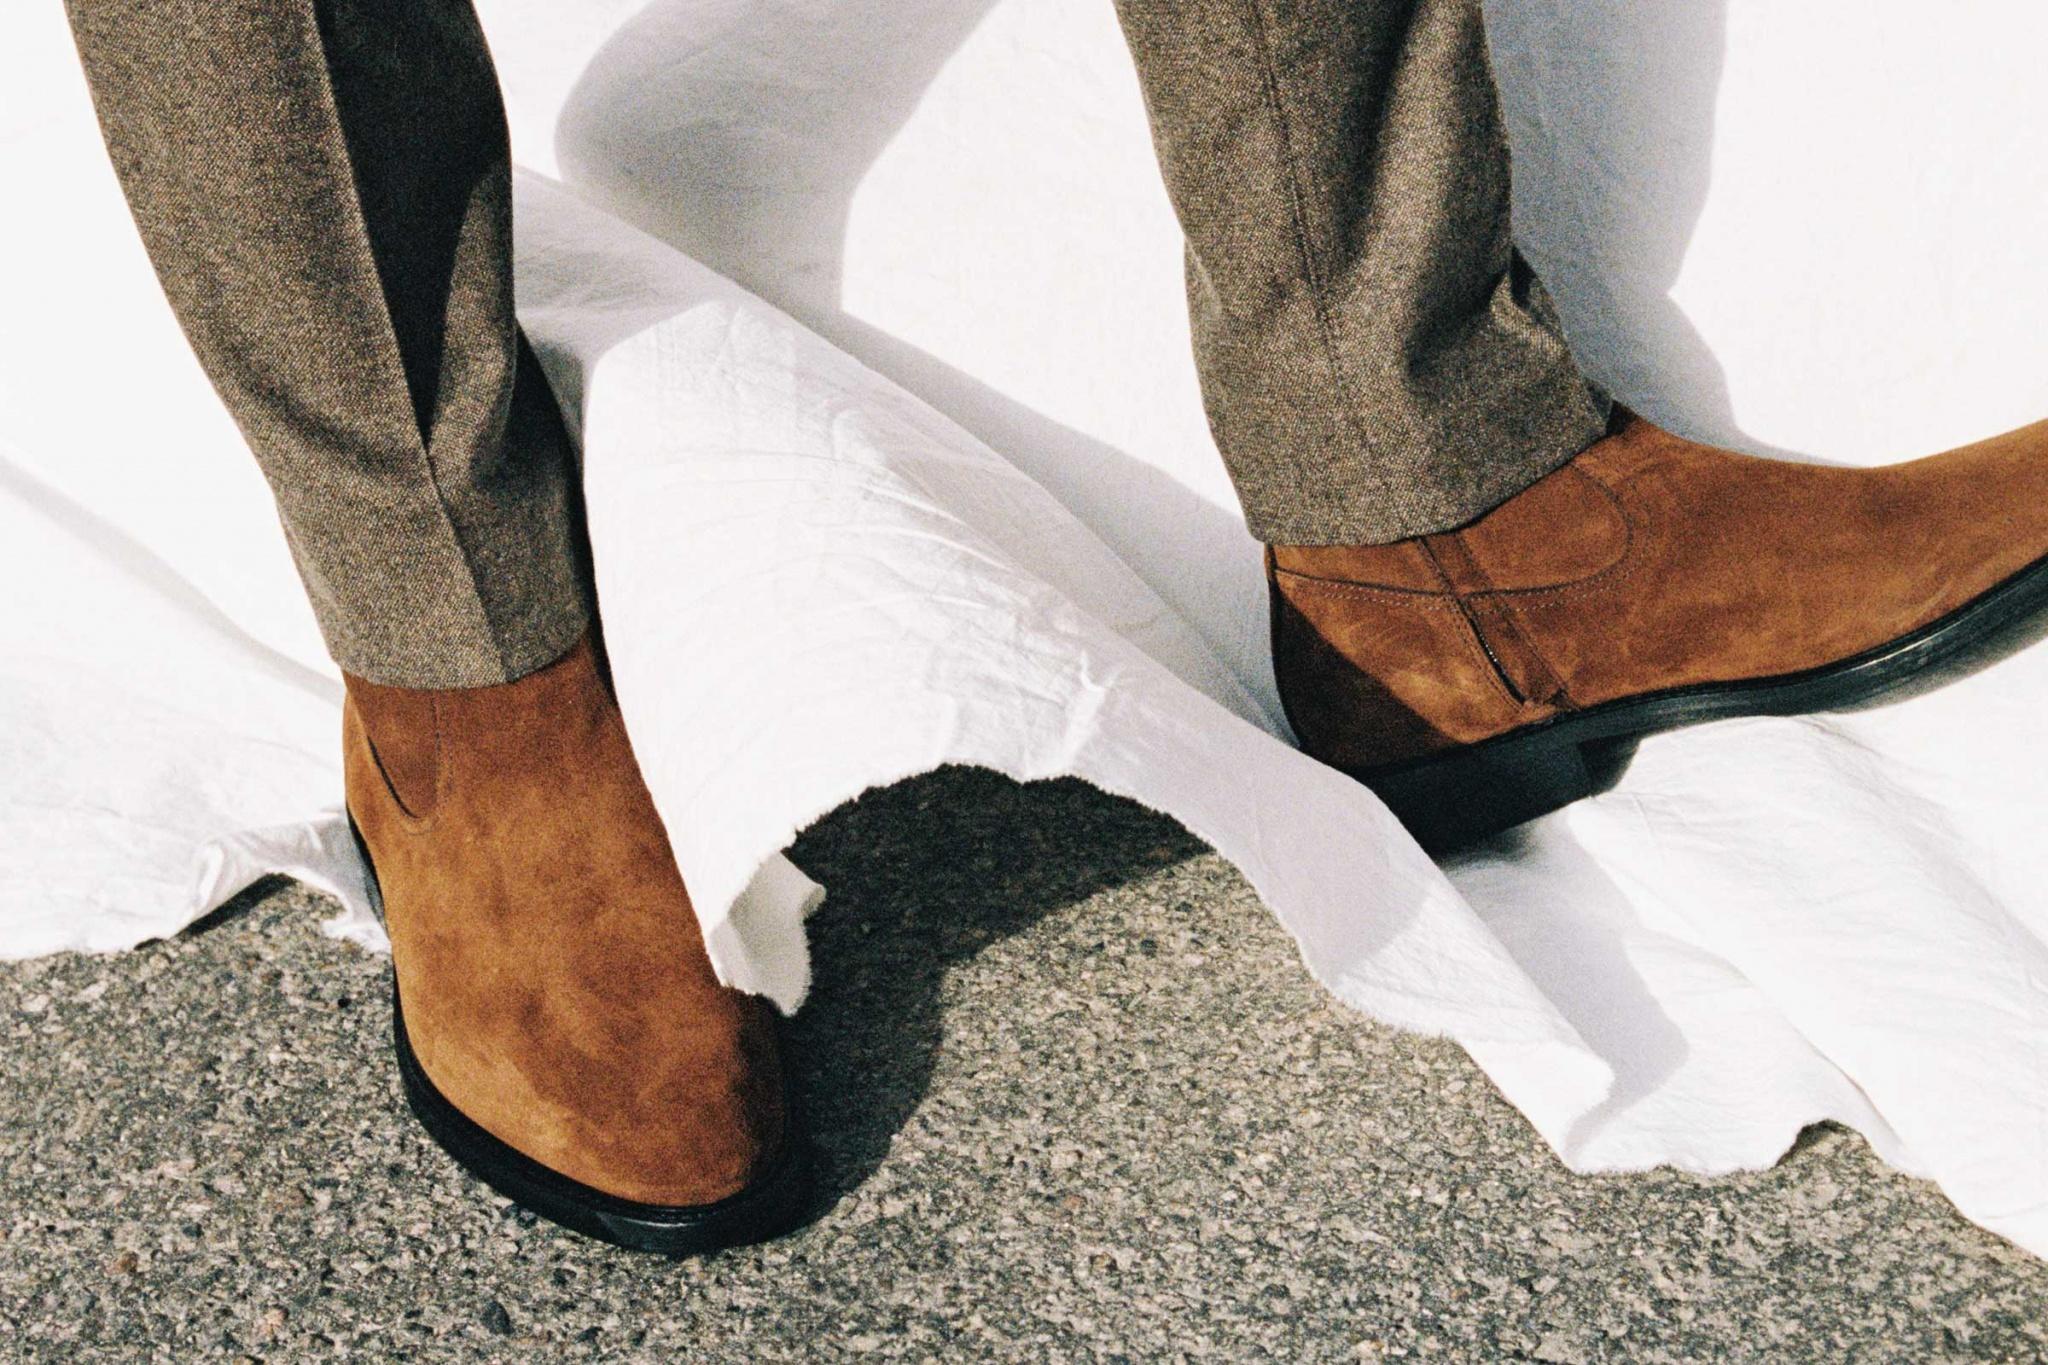 Shoes - Man